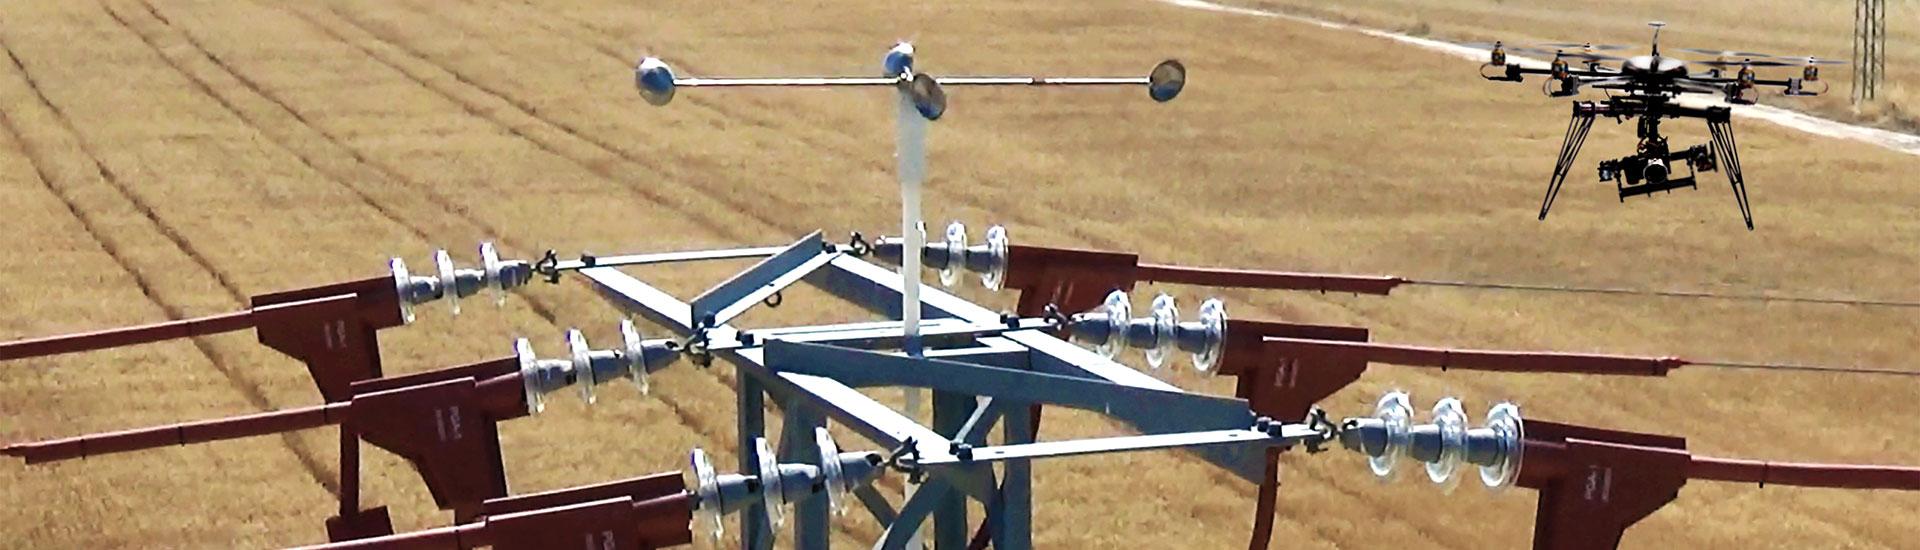 Revision de redes eléctricas con drones